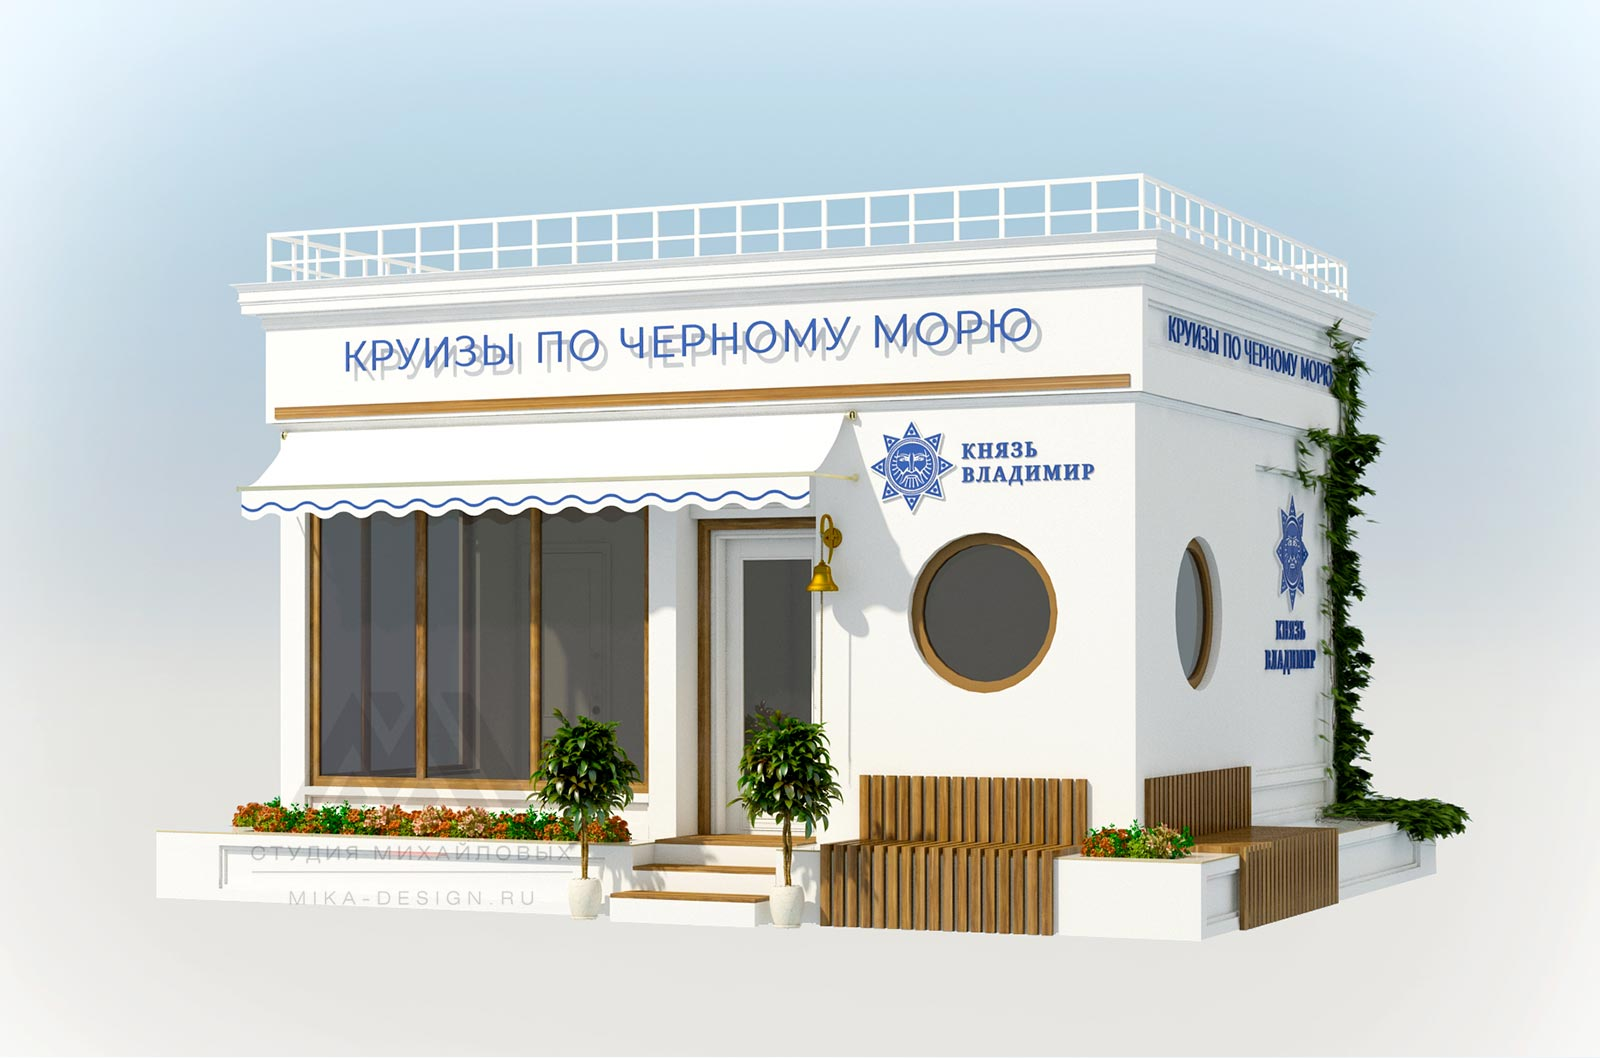 дизайн туристического офиса